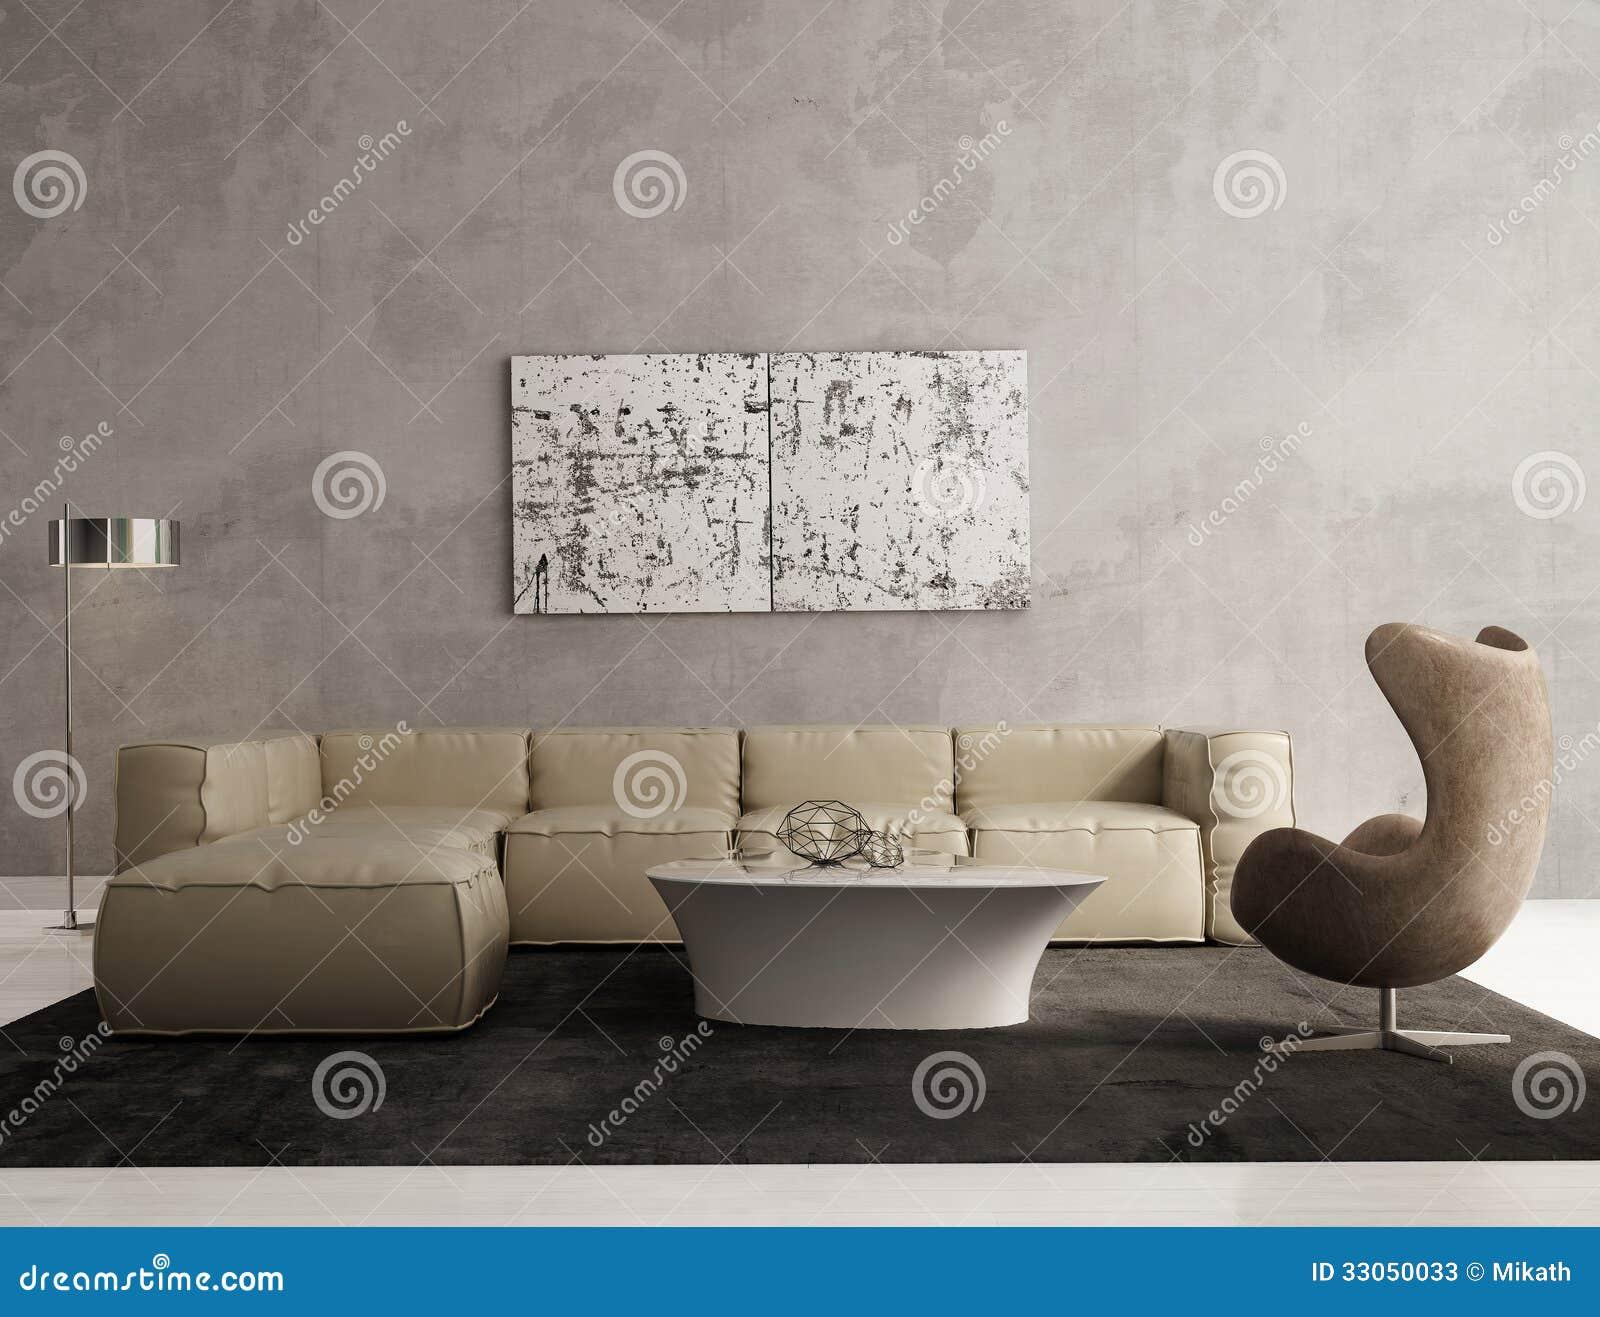 Int rieur gris contemporain de salon photos stock image for Interieur contemporain gris